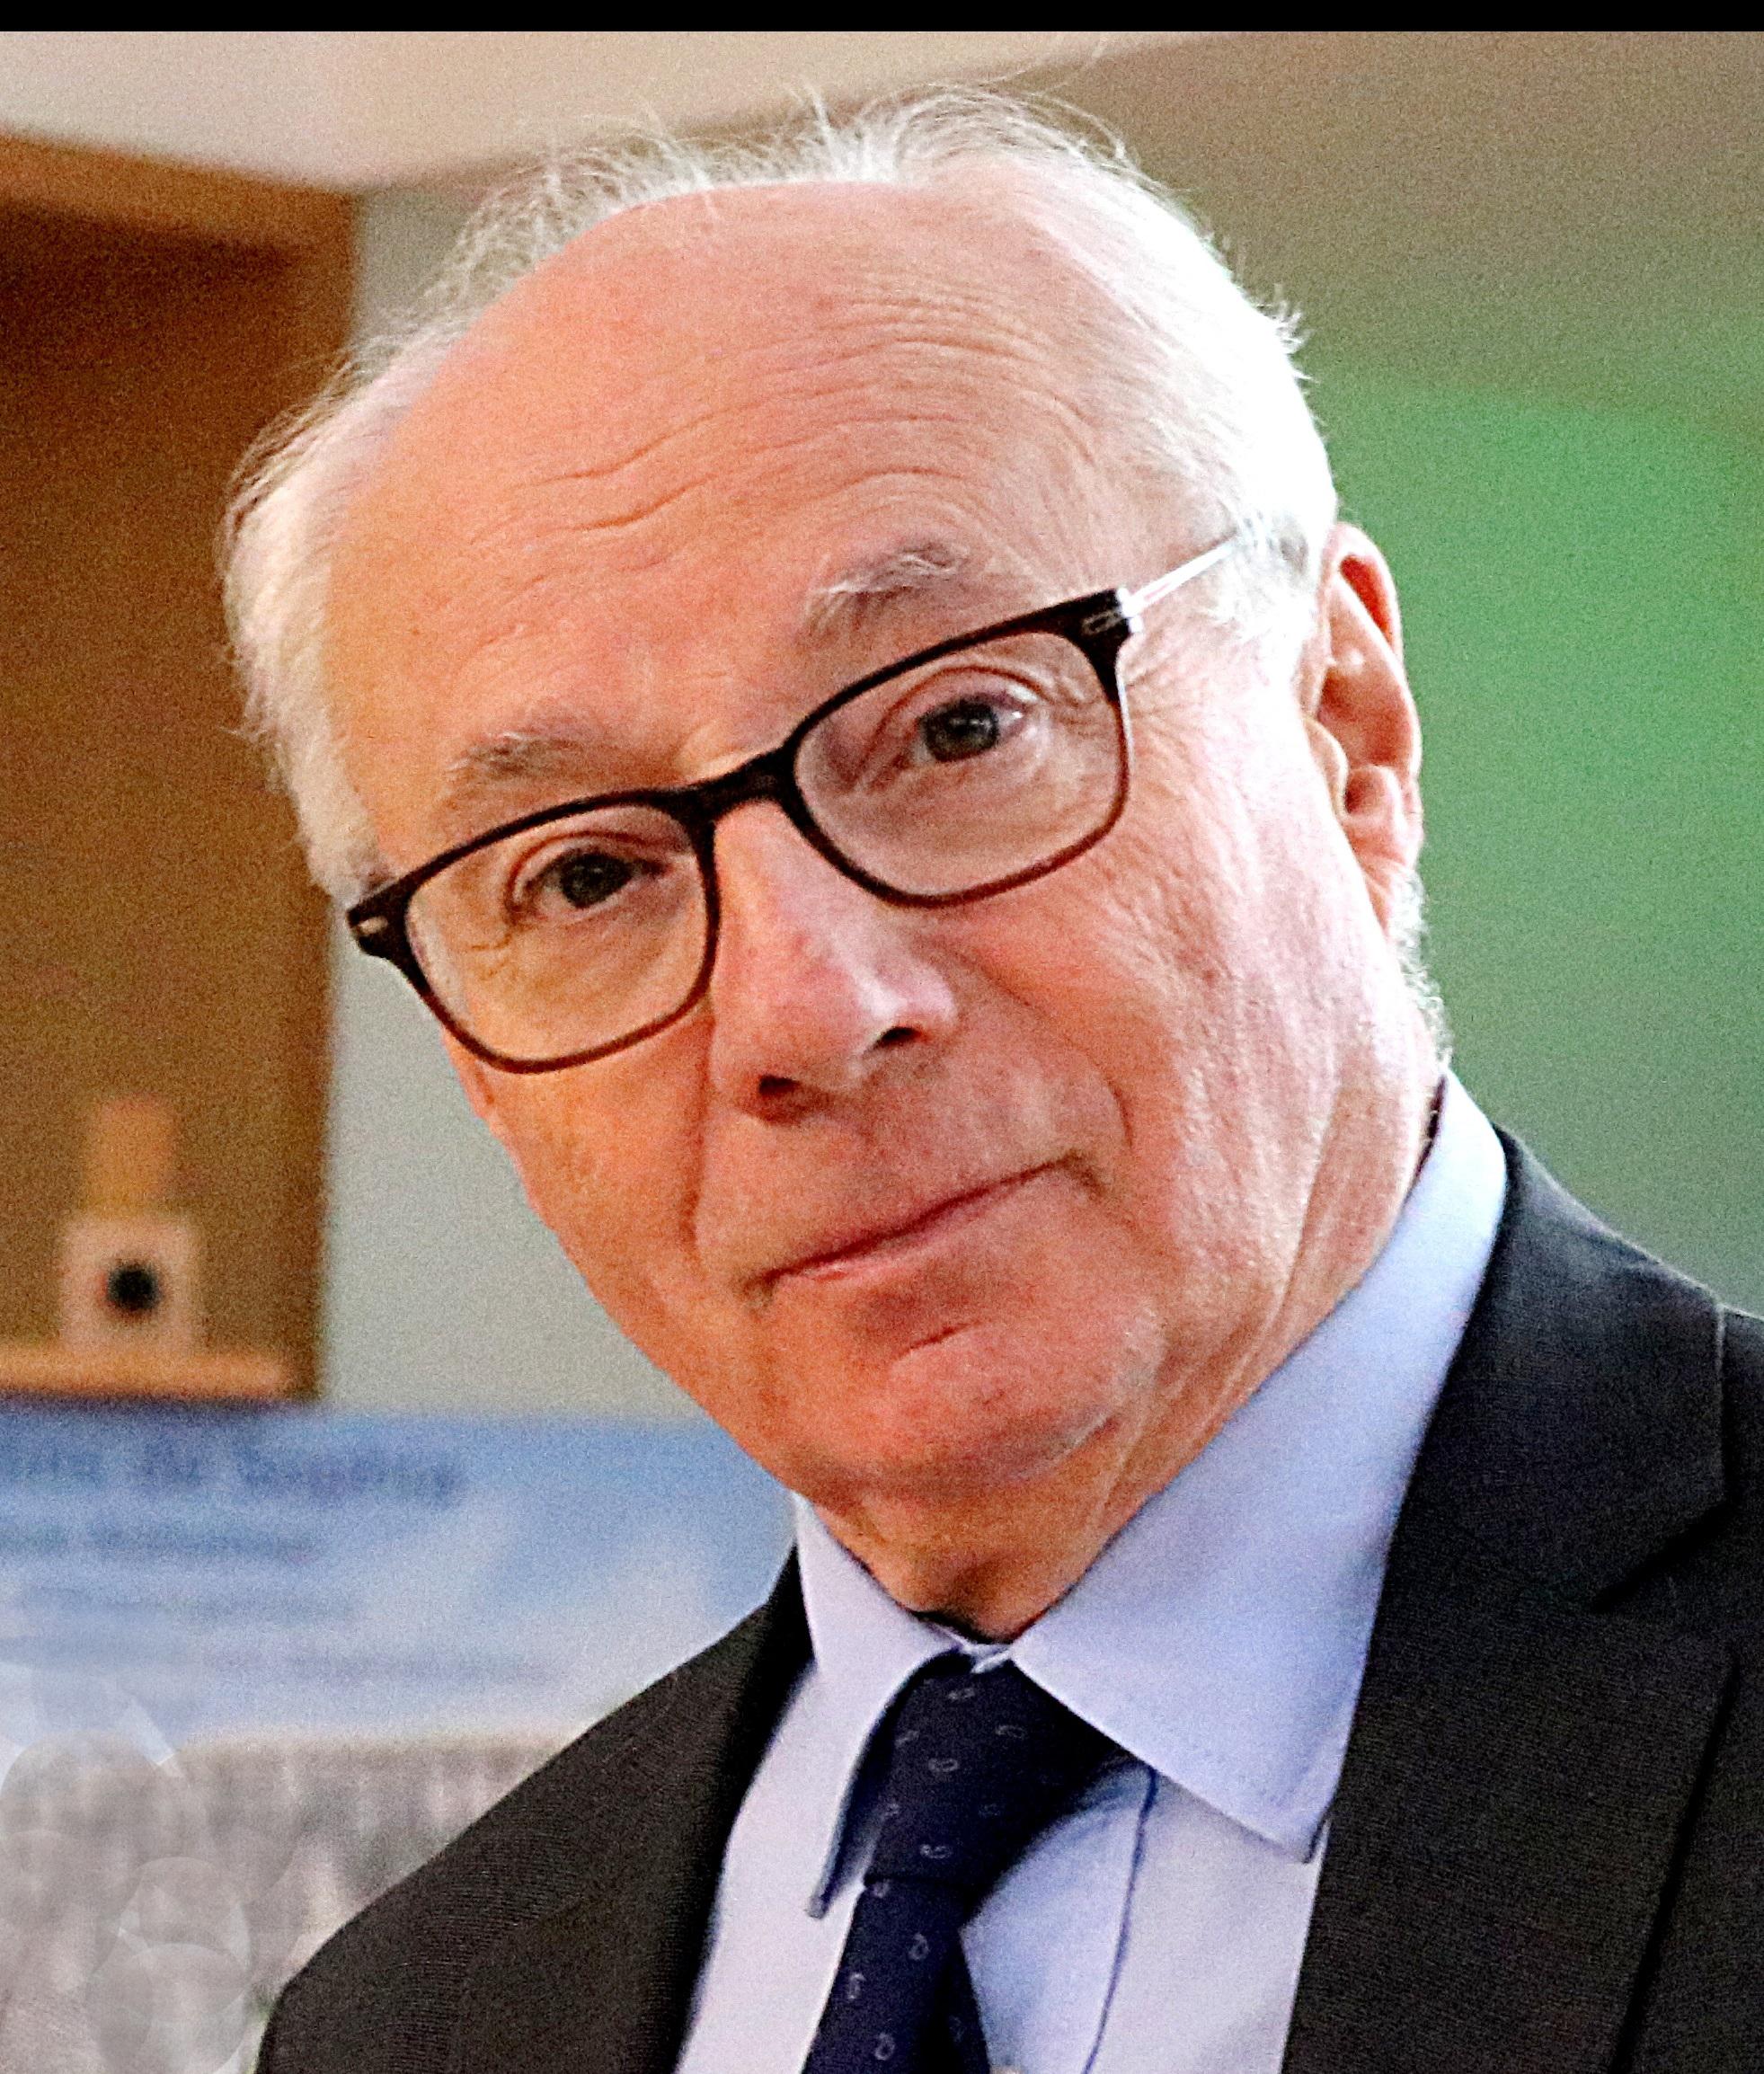 Jean-Pierre dedet